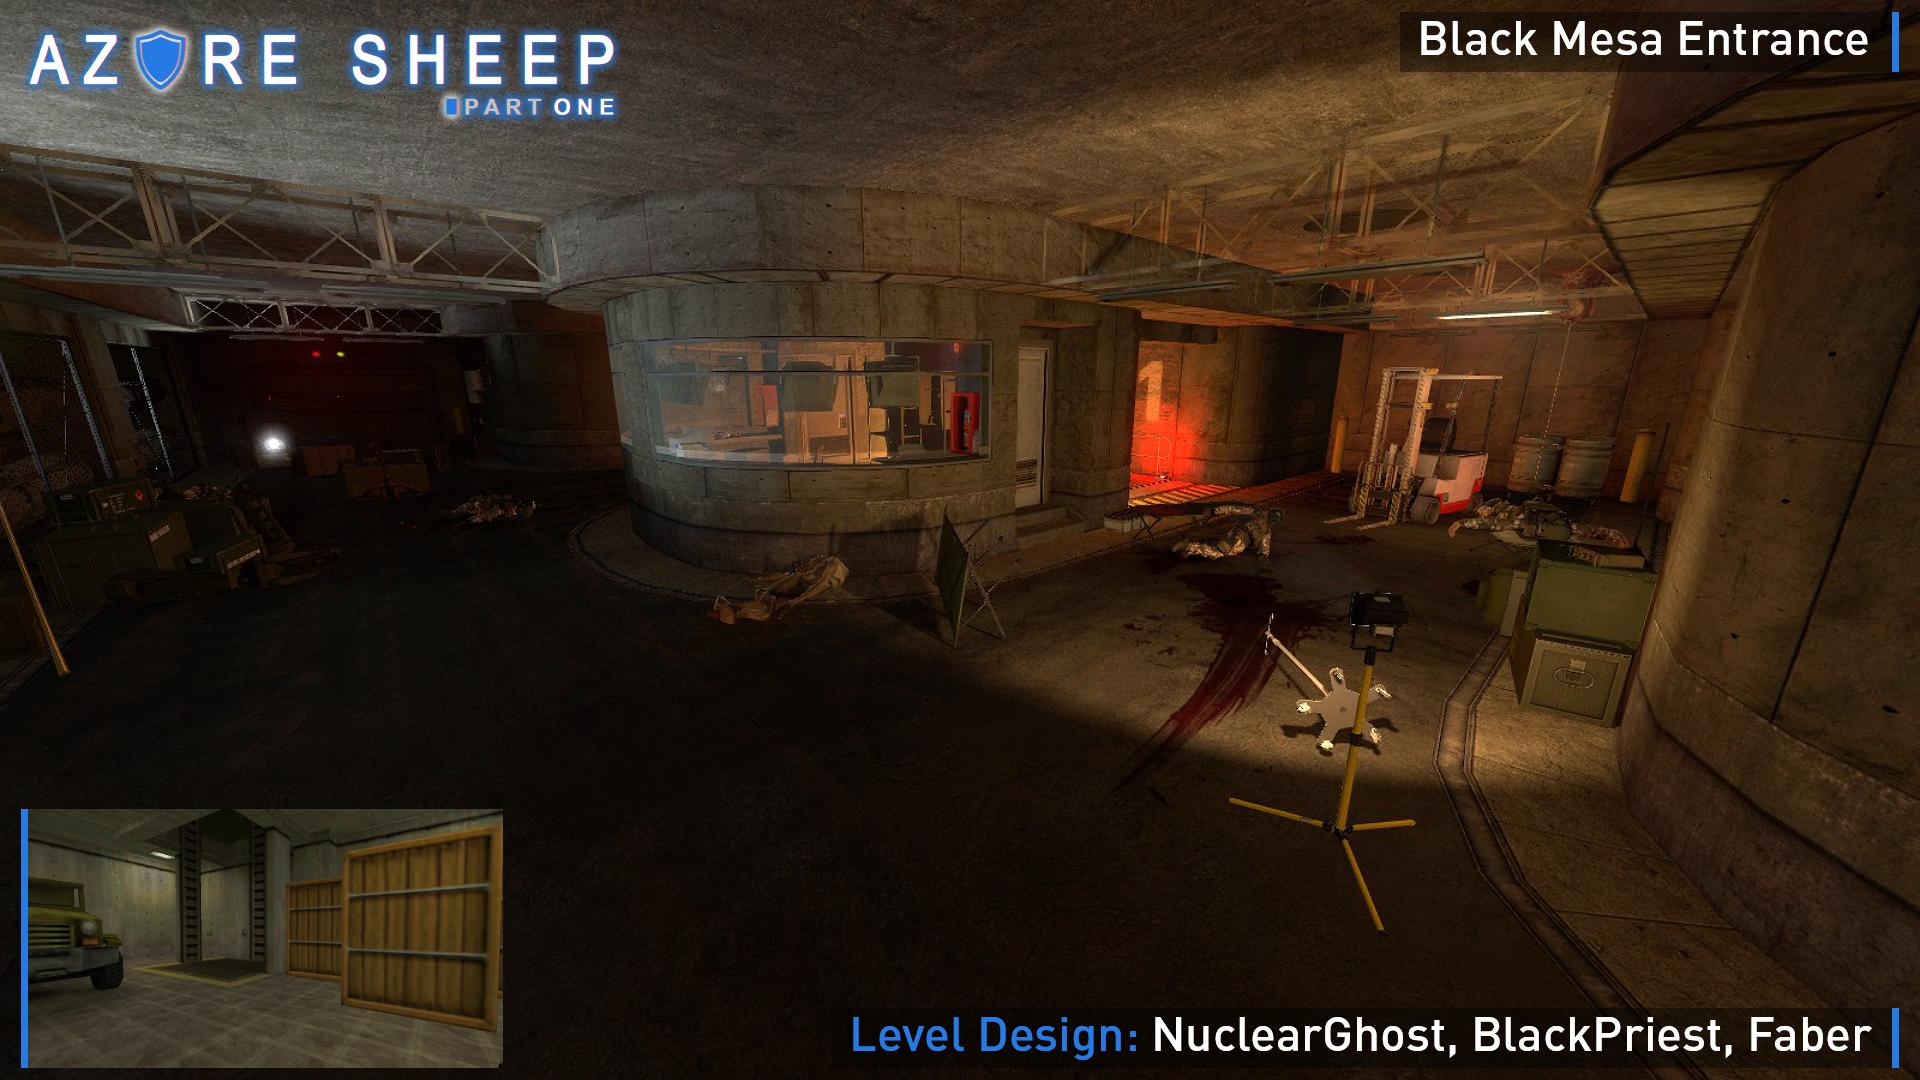 Black Mesa Entrance